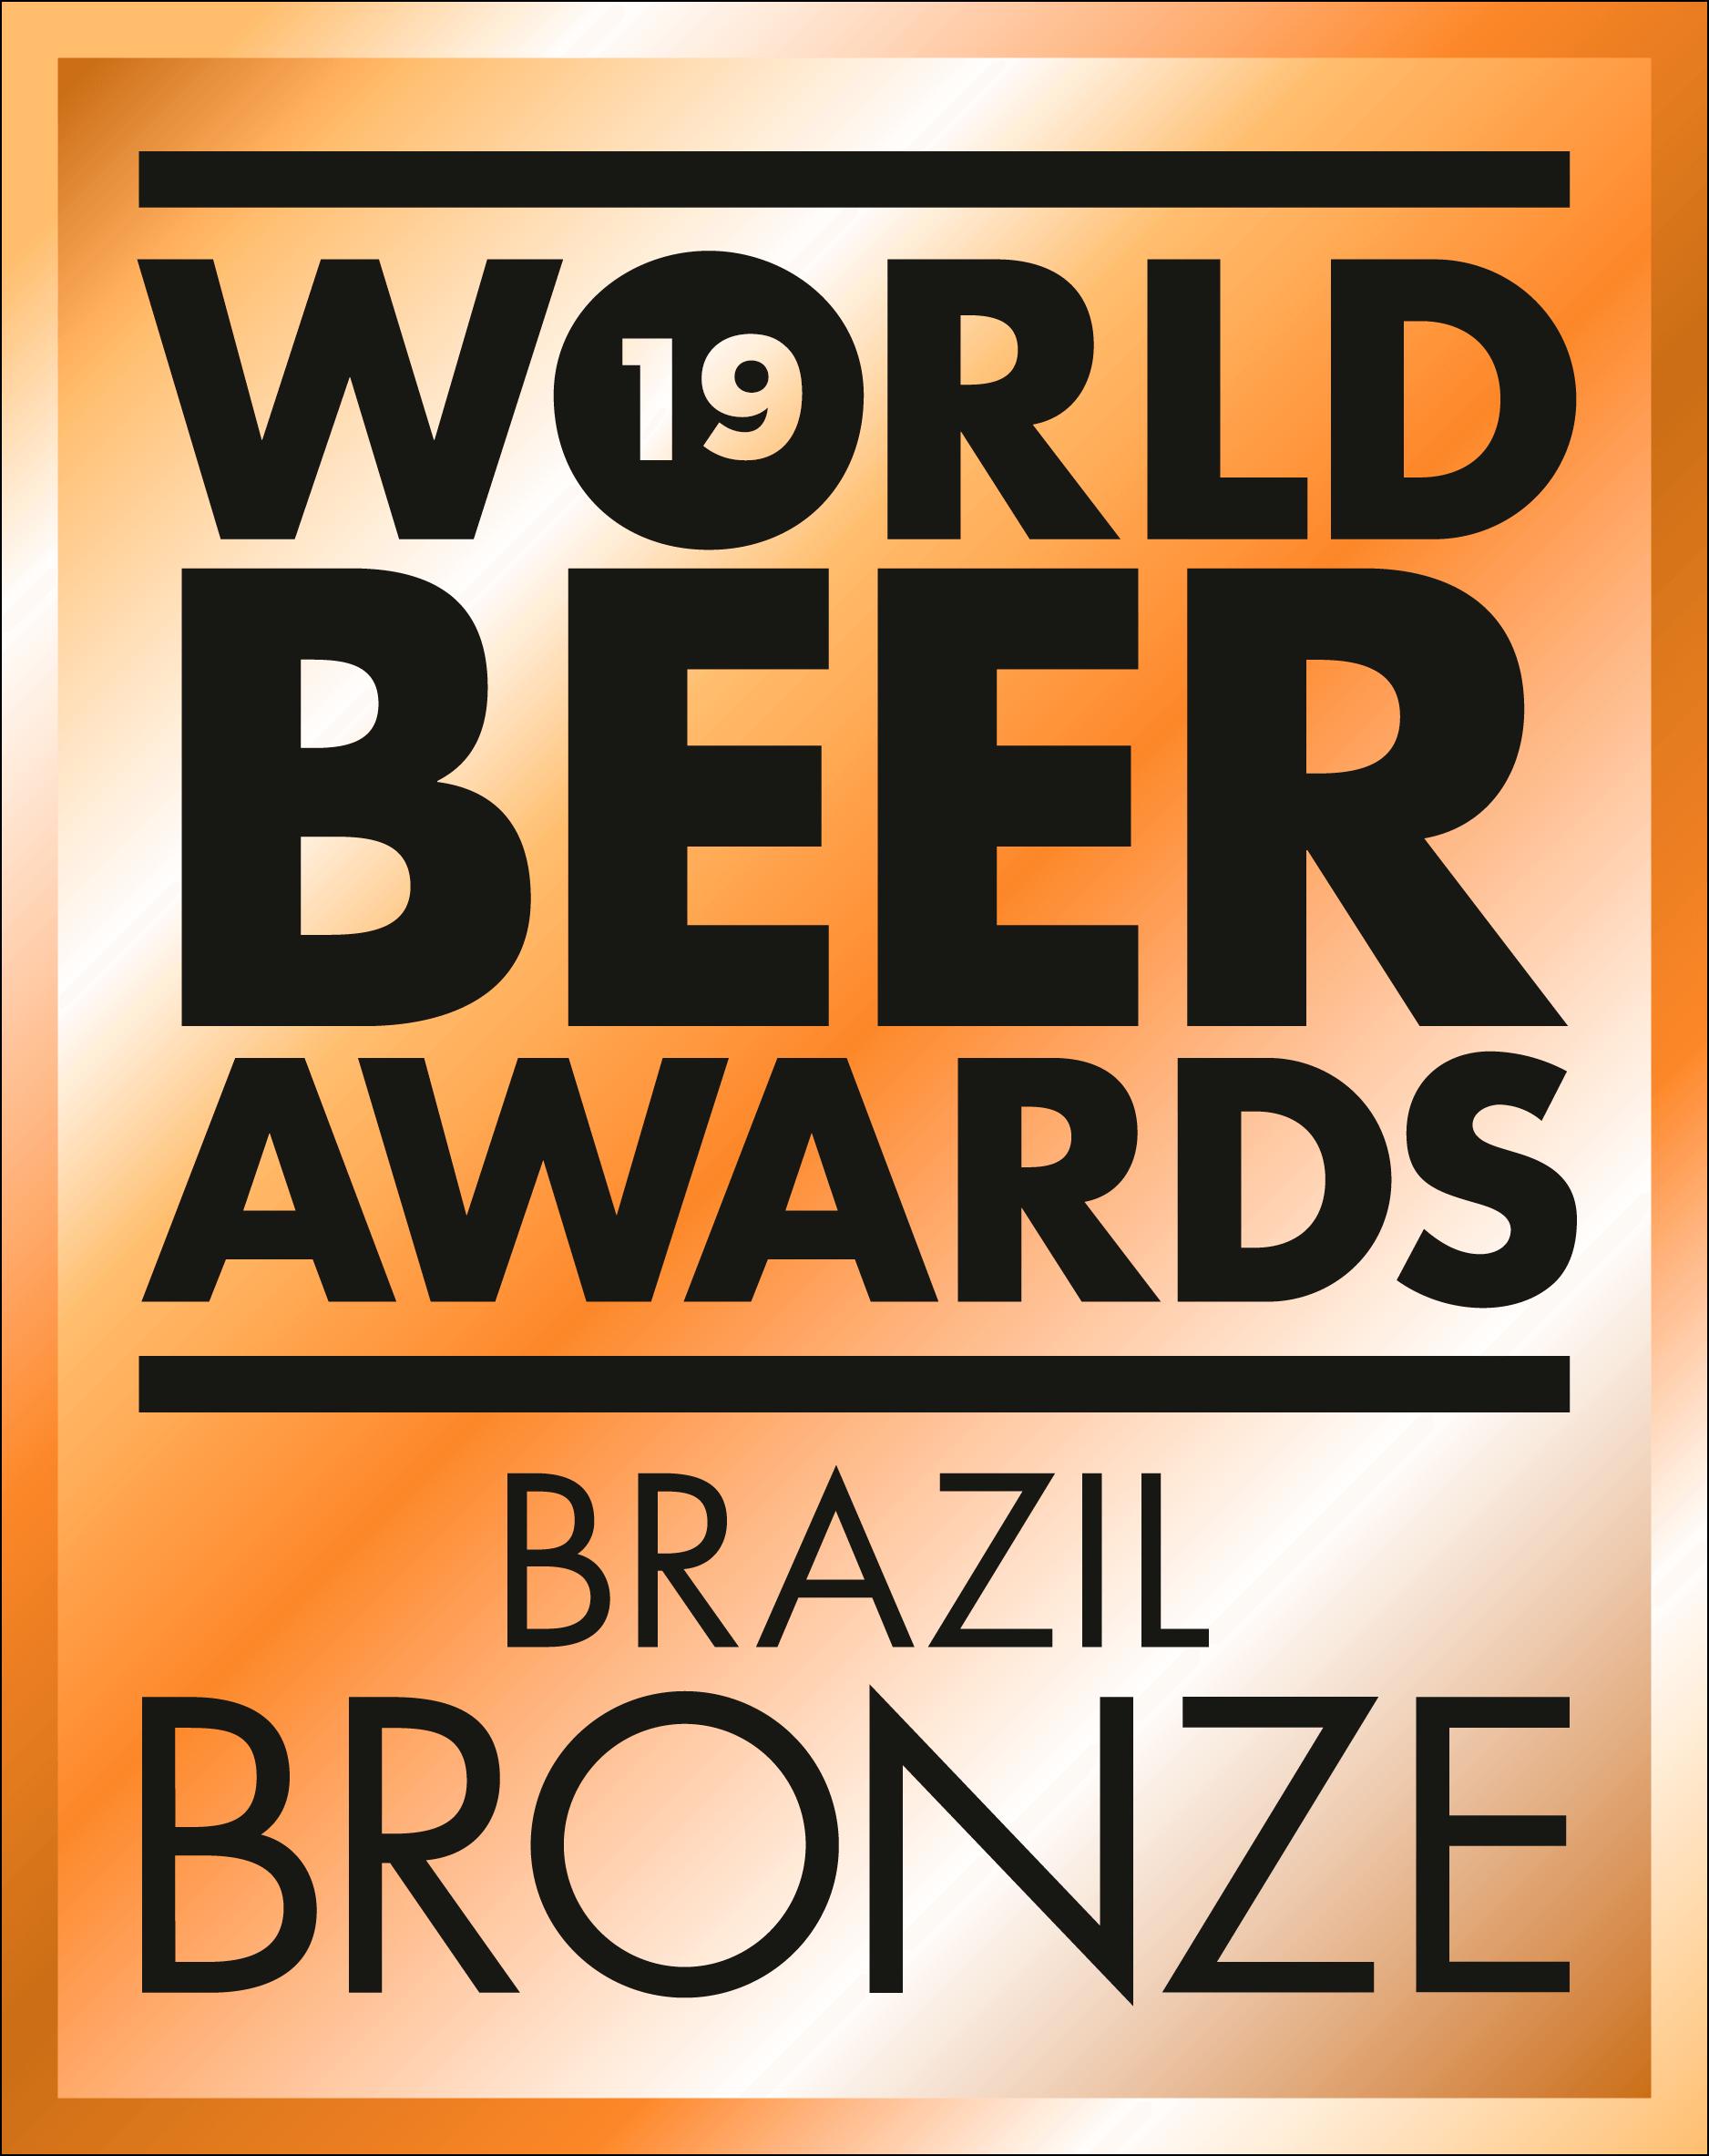 2019 World Beer Awards BRONZE